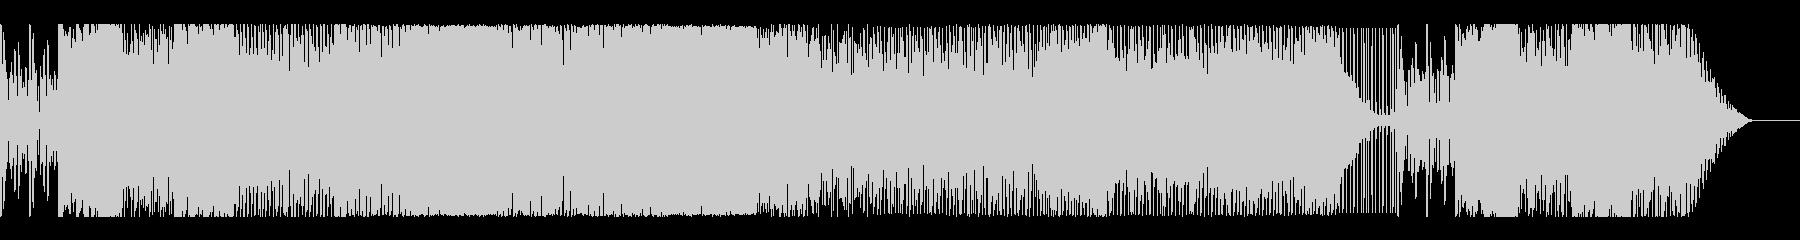 【ループ】ボス戦・戦闘曲・ハードテクノ系の未再生の波形